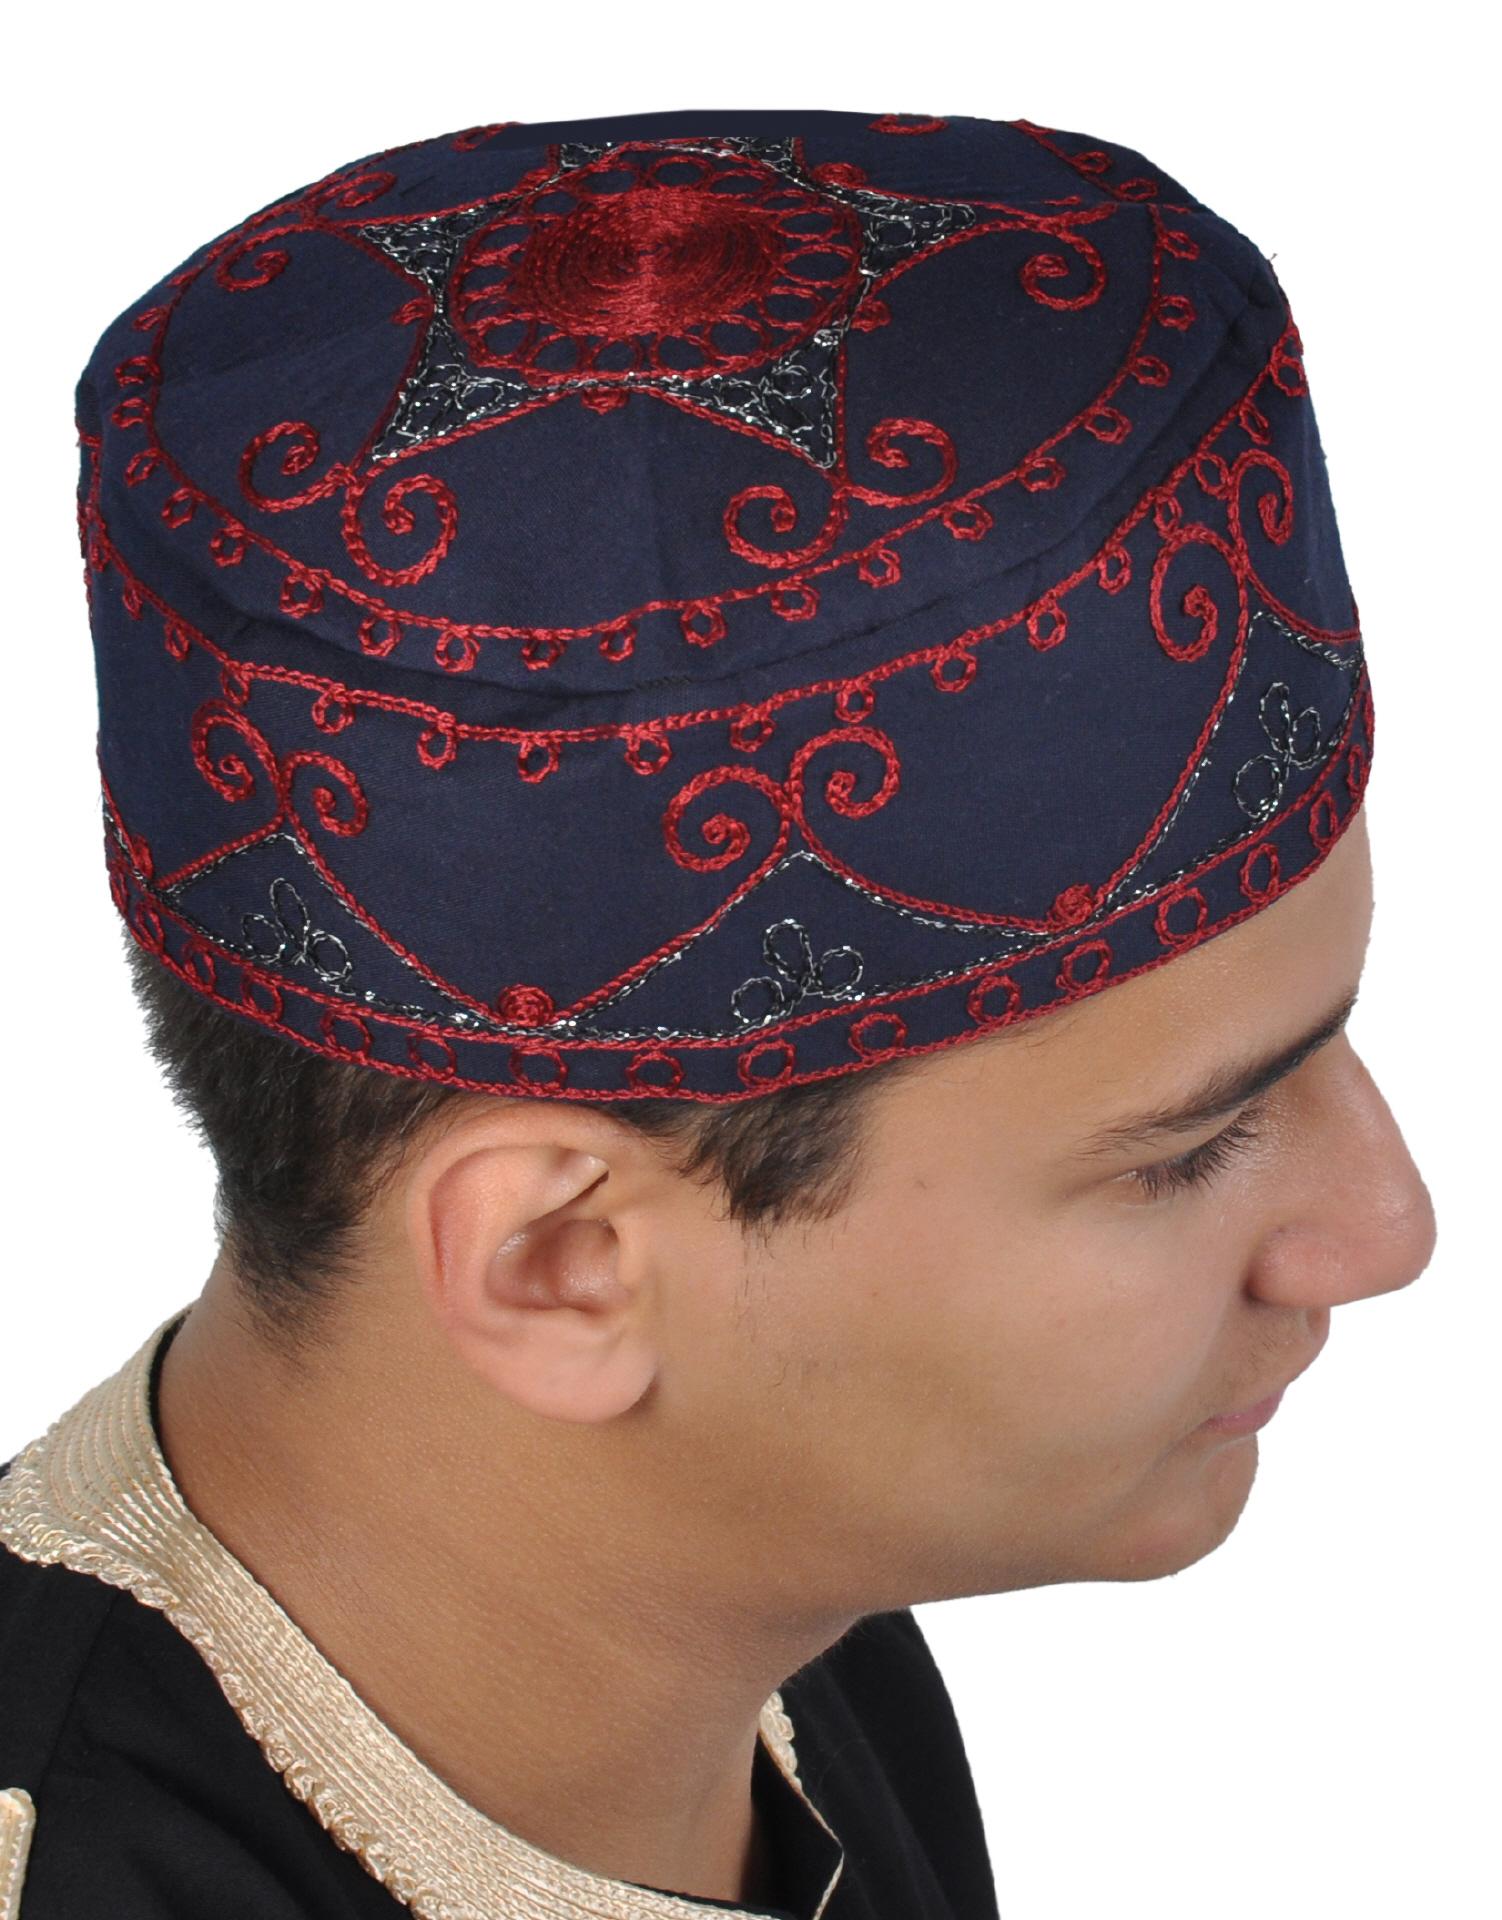 Kopfbedeckung männer arabische für Kopfbedeckung Scheich